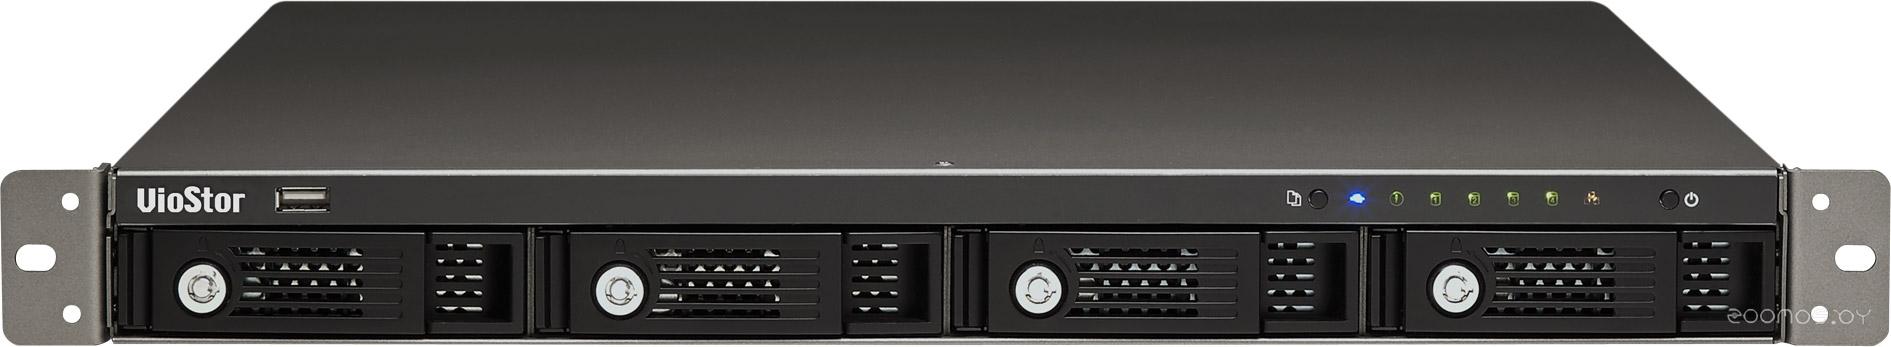 Видеорегистратор наблюдения QNAP VS-4016U-RP Pro